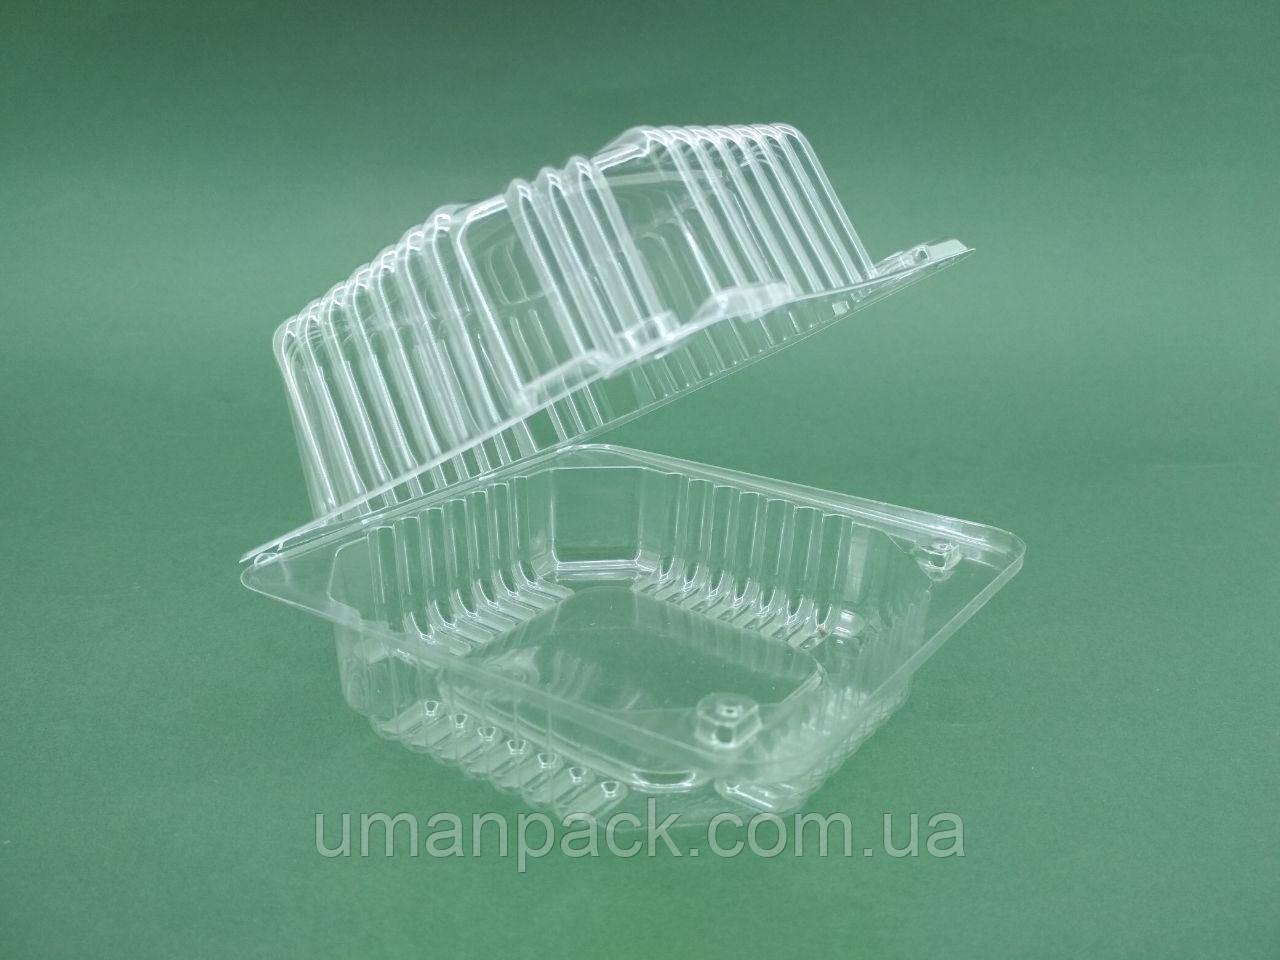 Контейнер пластиковый с откидной крышкой V500мл ПС-8 110*105*58 (50 шт)